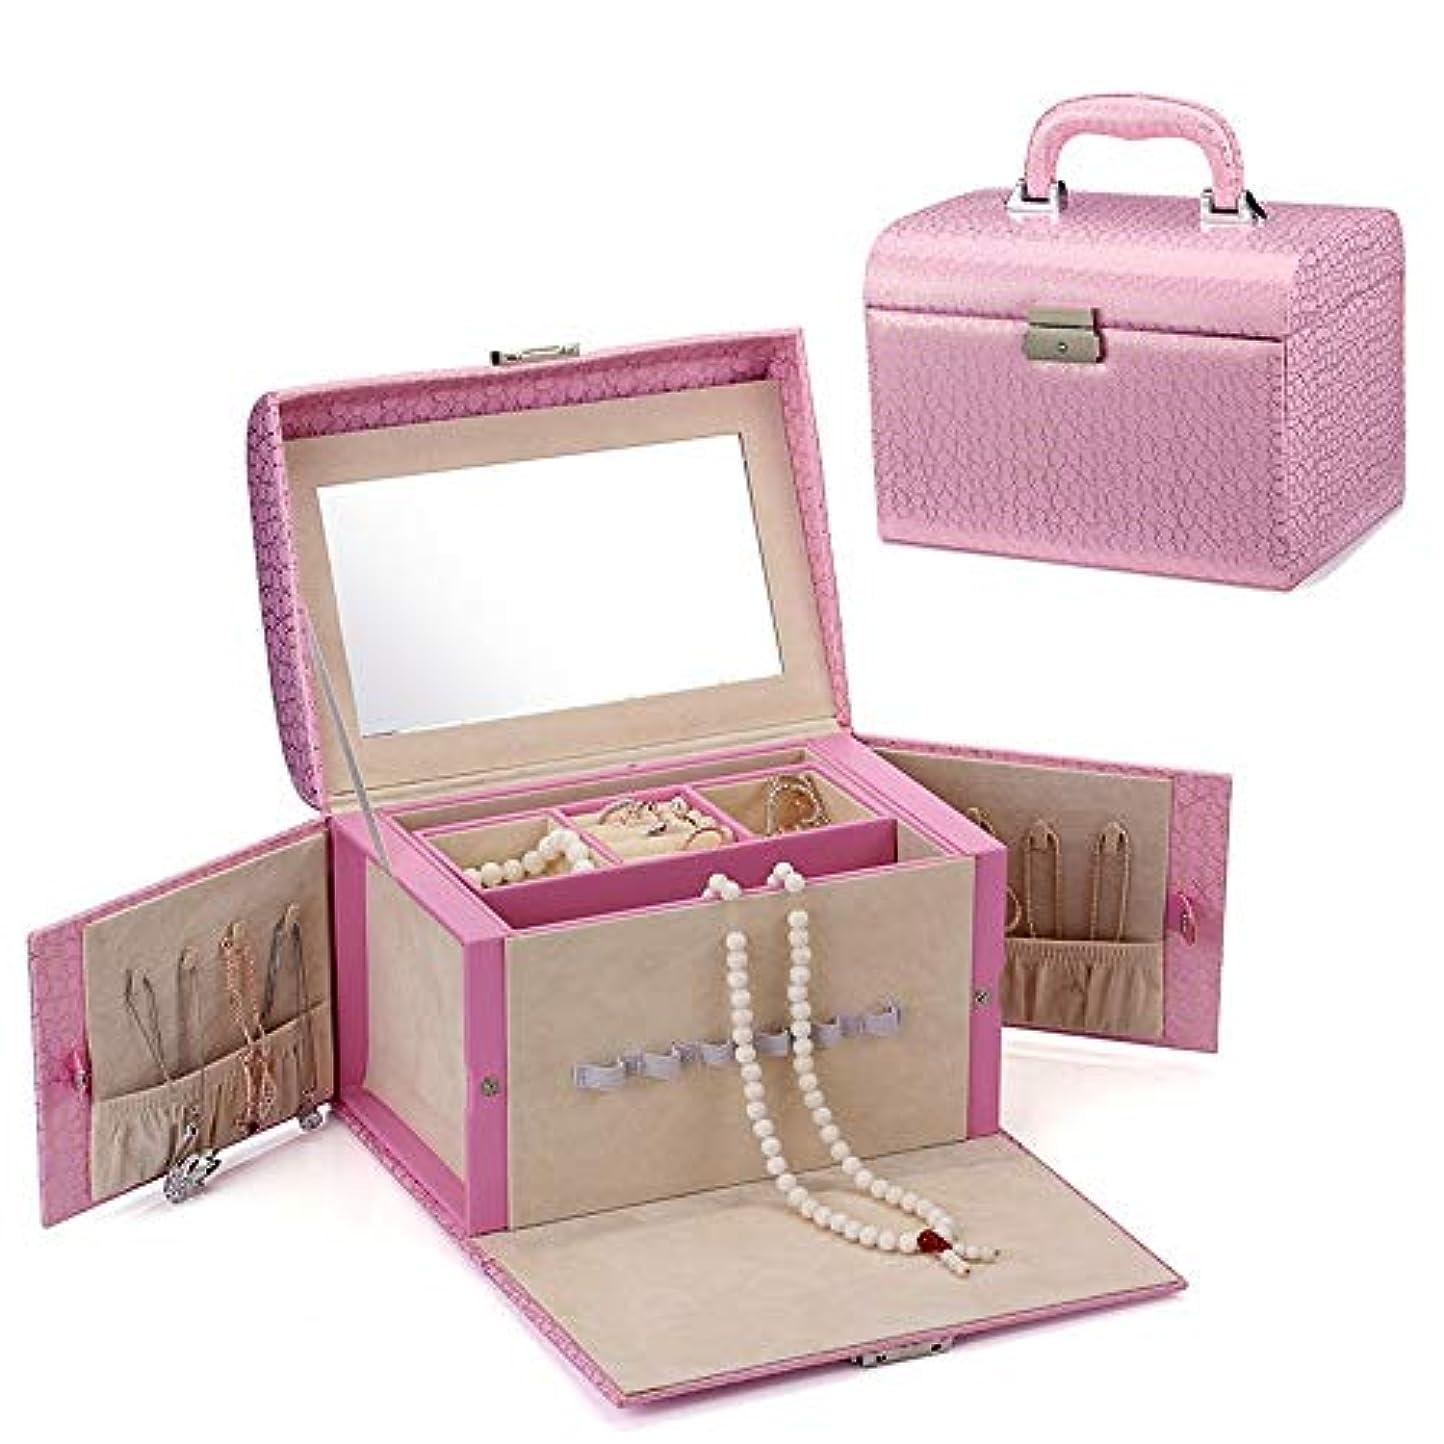 恐れ告発独占化粧オーガナイザーバッグ 多層の引き出し女性の宝石の収納箱小物のストレージのための 化粧品ケース (色 : ピンク)